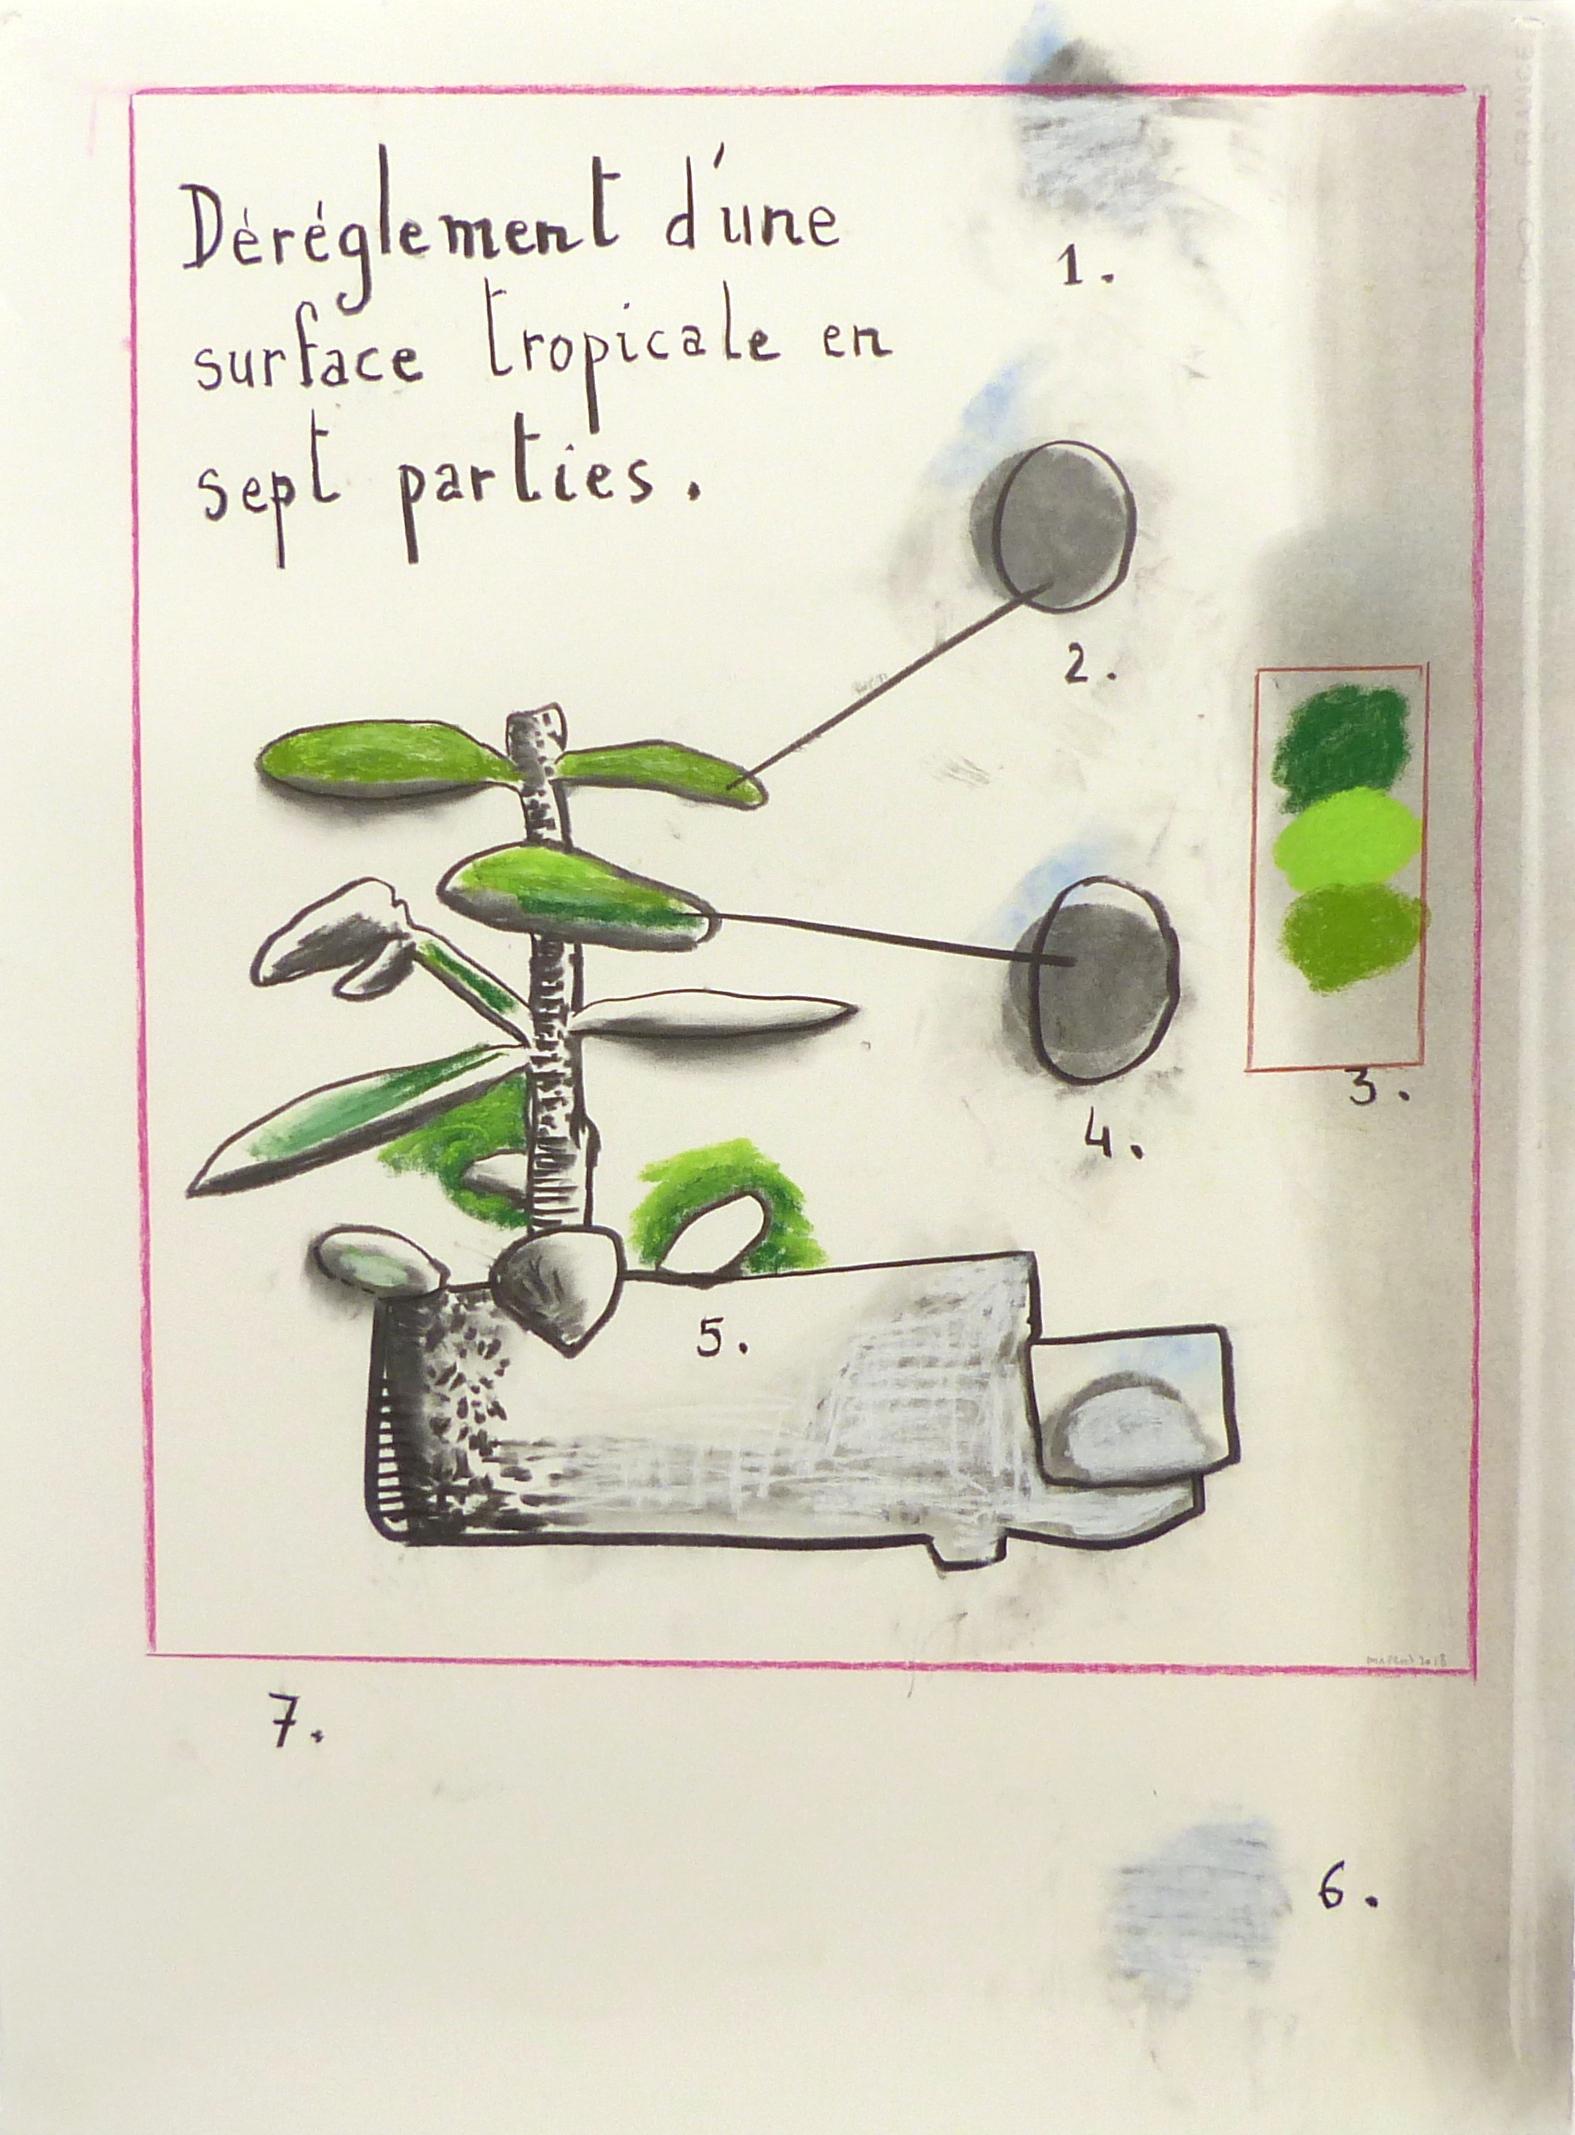 Déréglement d'une surface tropicale en sept parties - Technique mixte sur papier - 65 x 50 cm - 2018 - Collection particulière